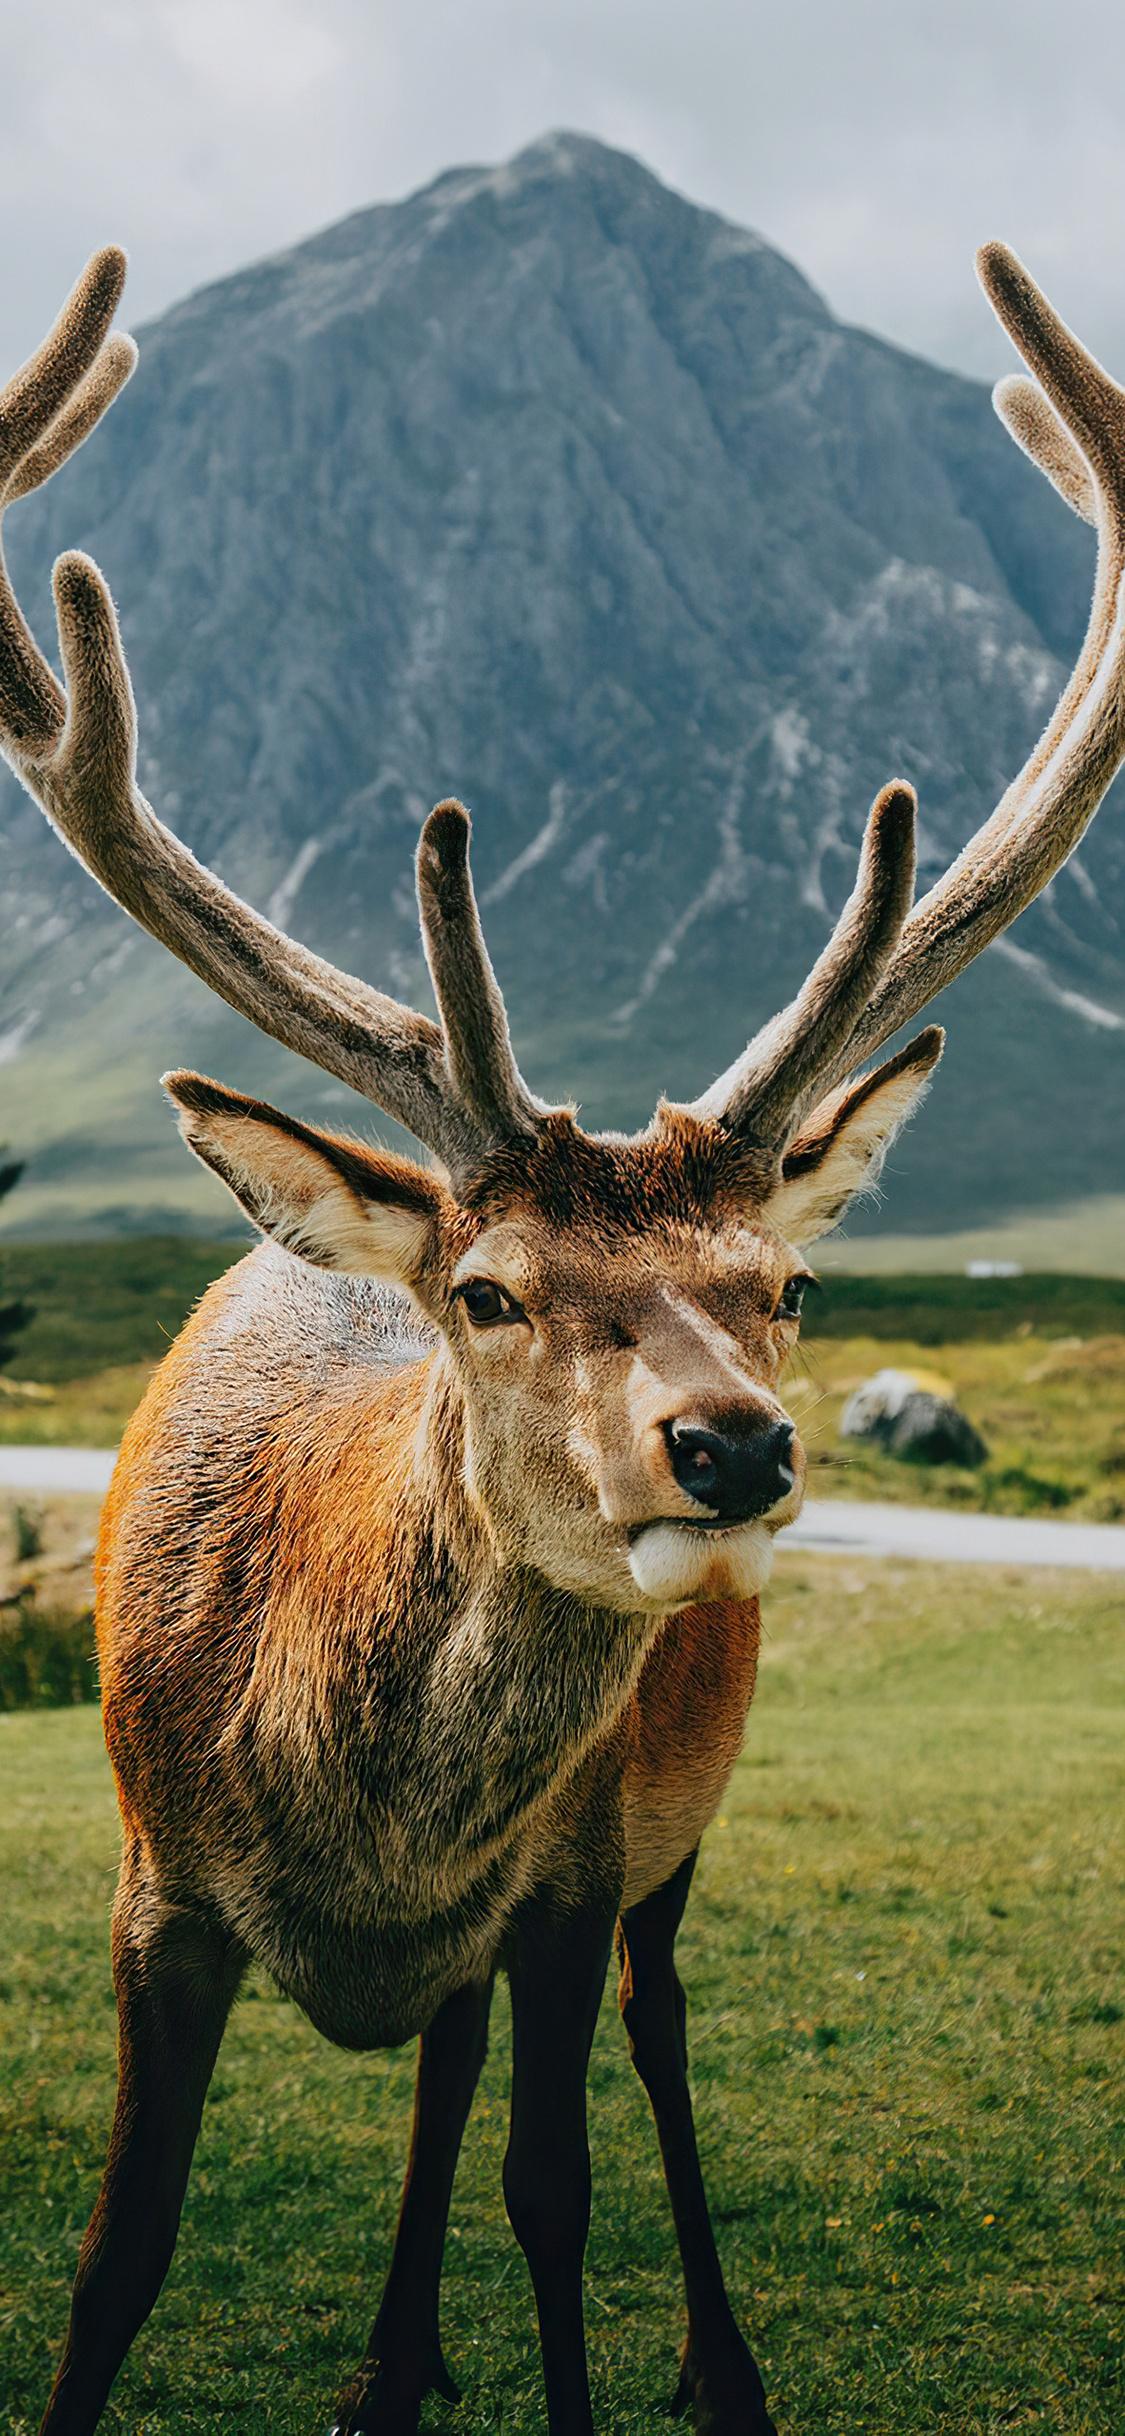 reindeer-open-field-landscape-4k-jq.jpg